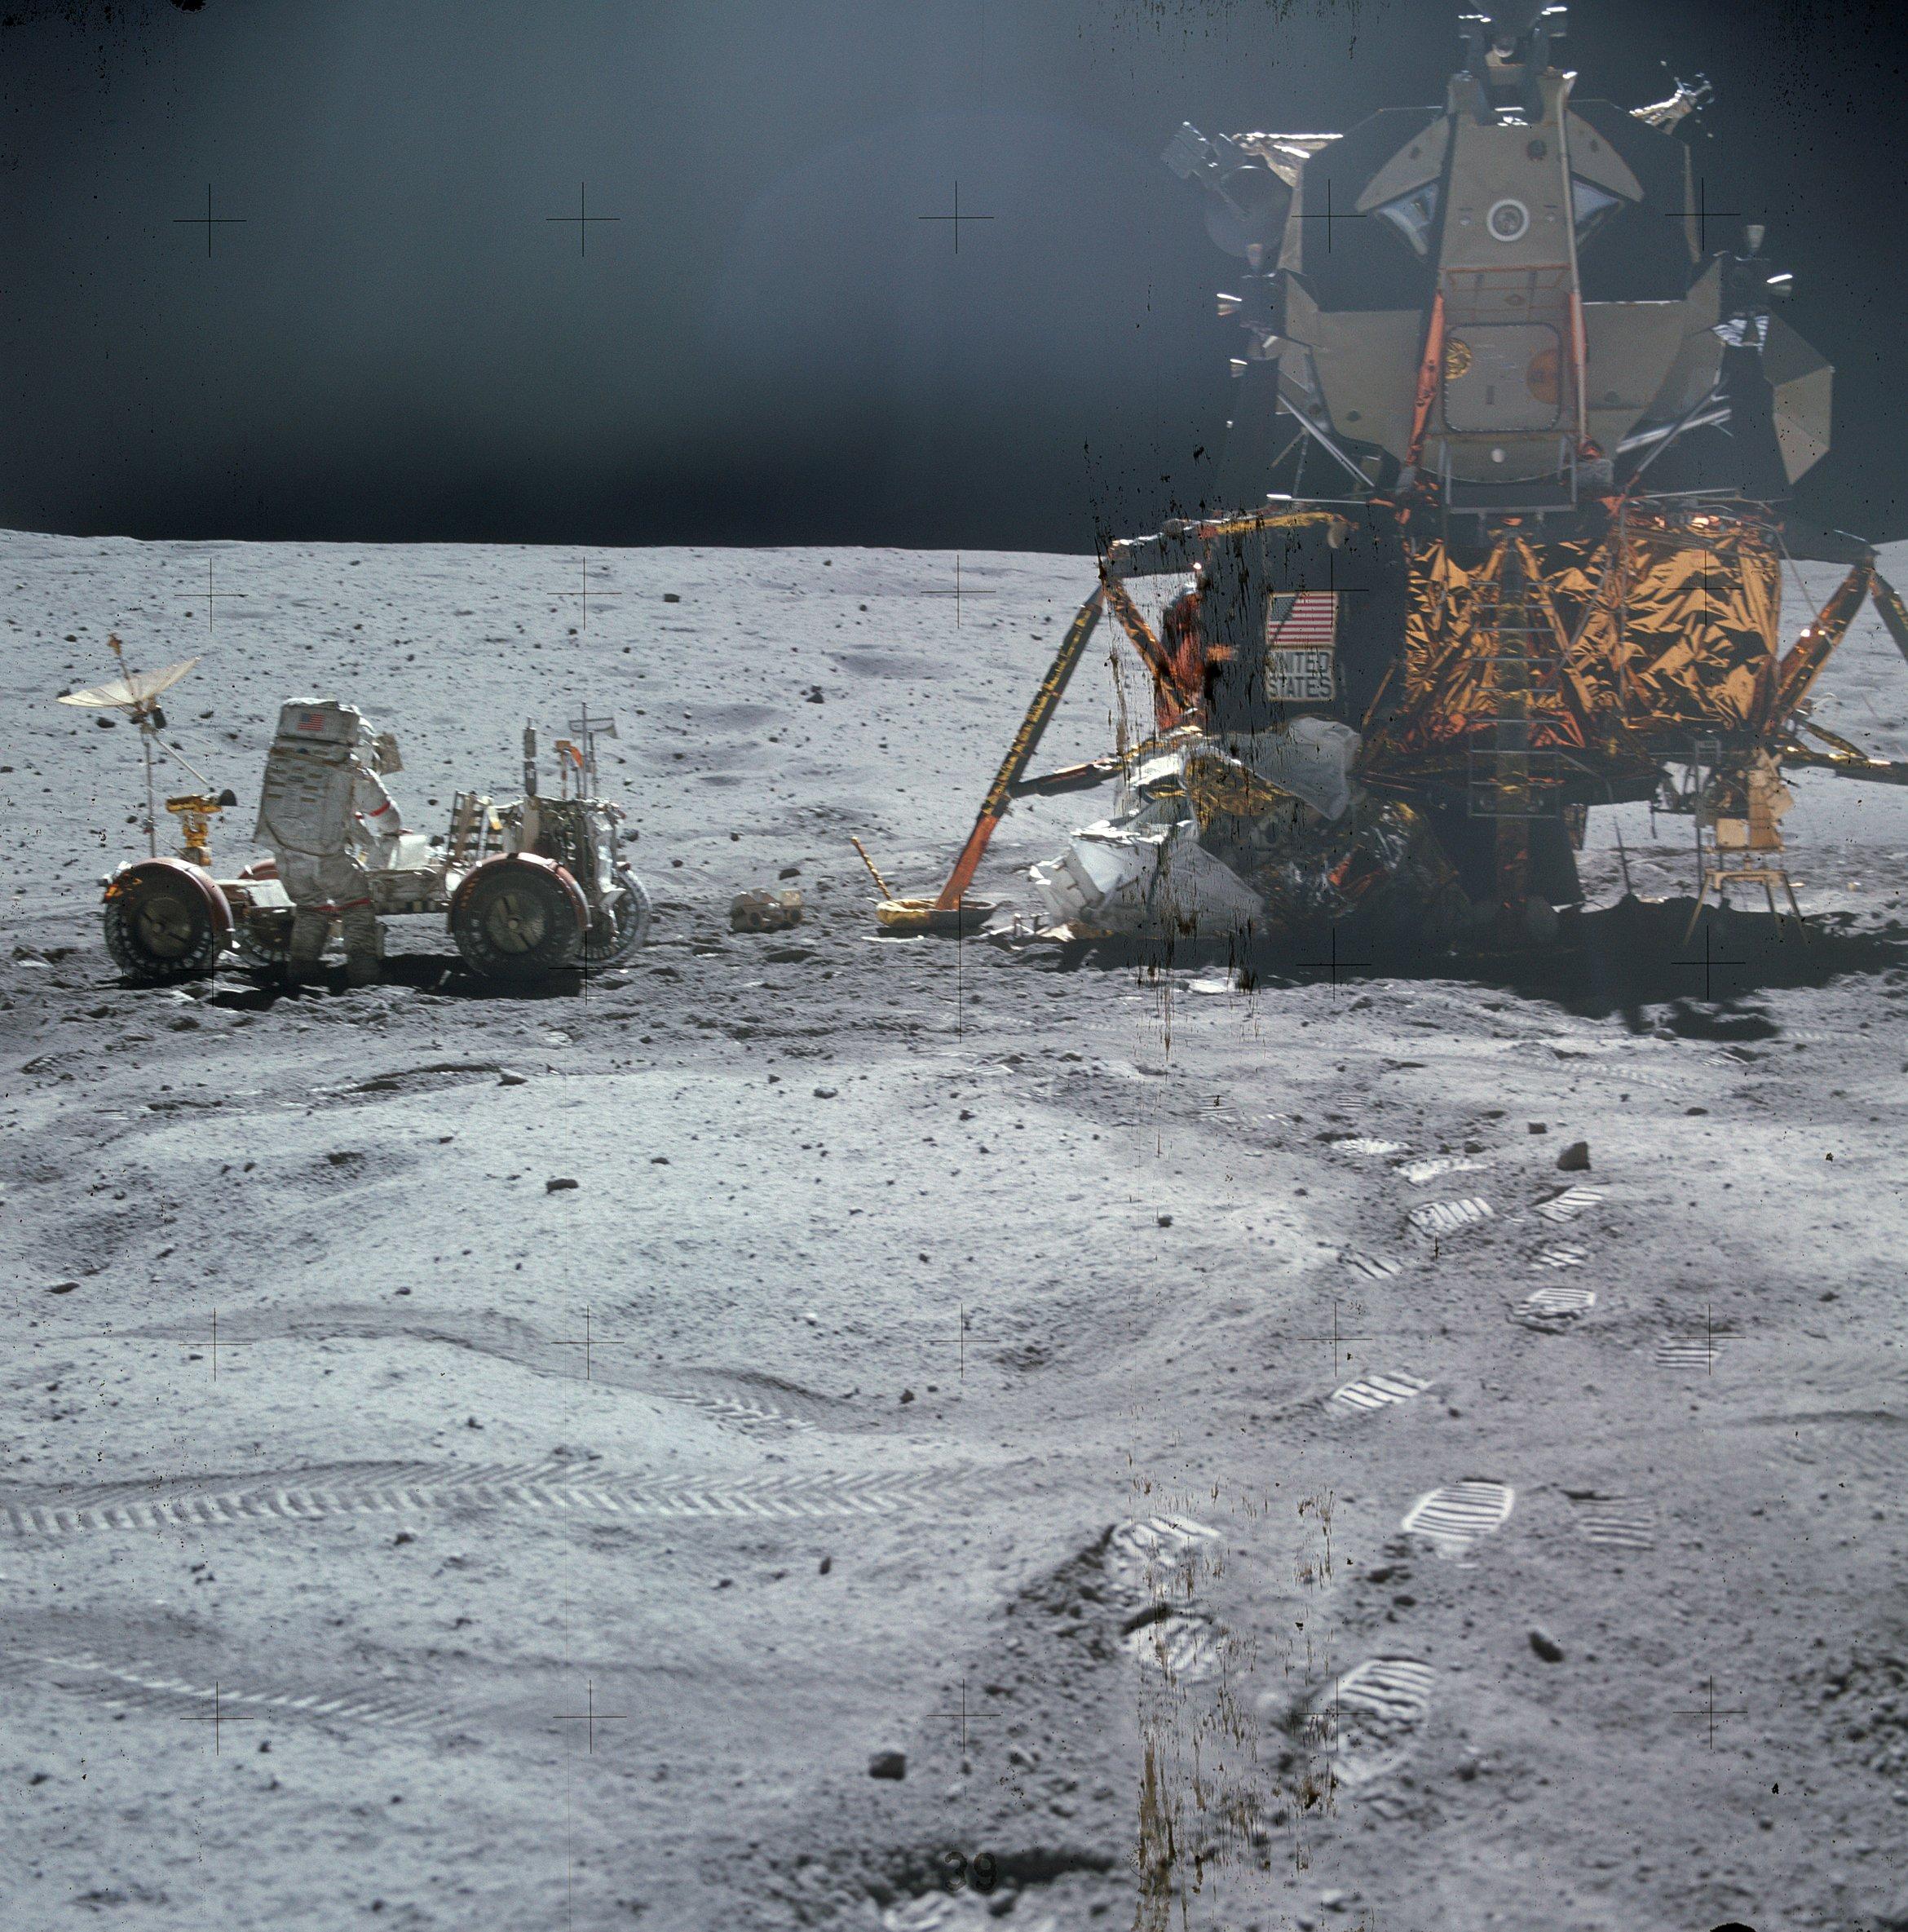 LRO: Nelle Nuove Immagini Visibili Impronte Astronauti ...